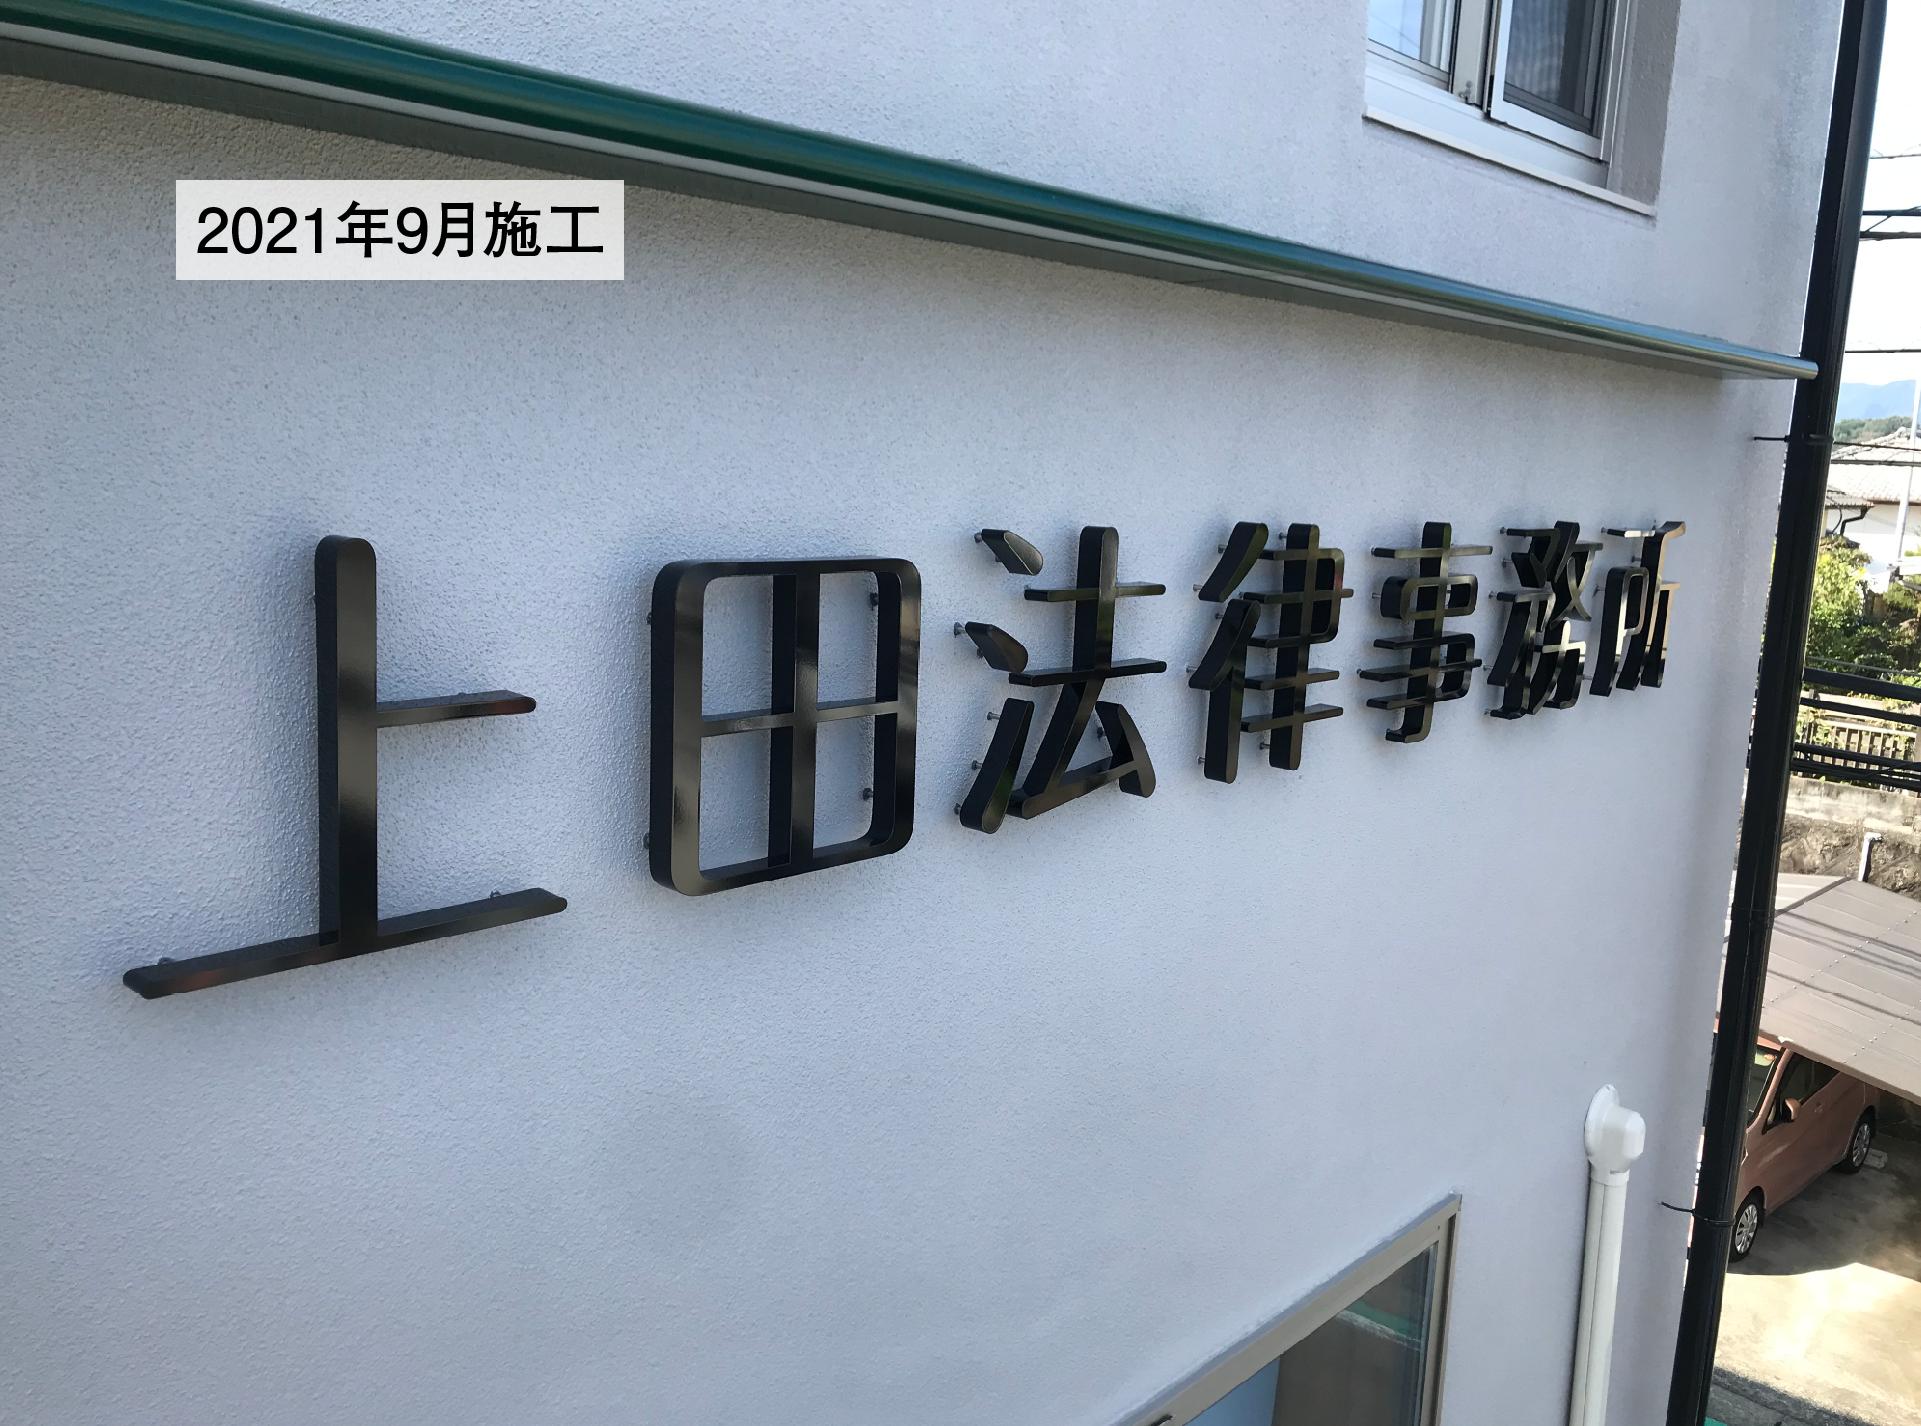 上田法律事務所 様